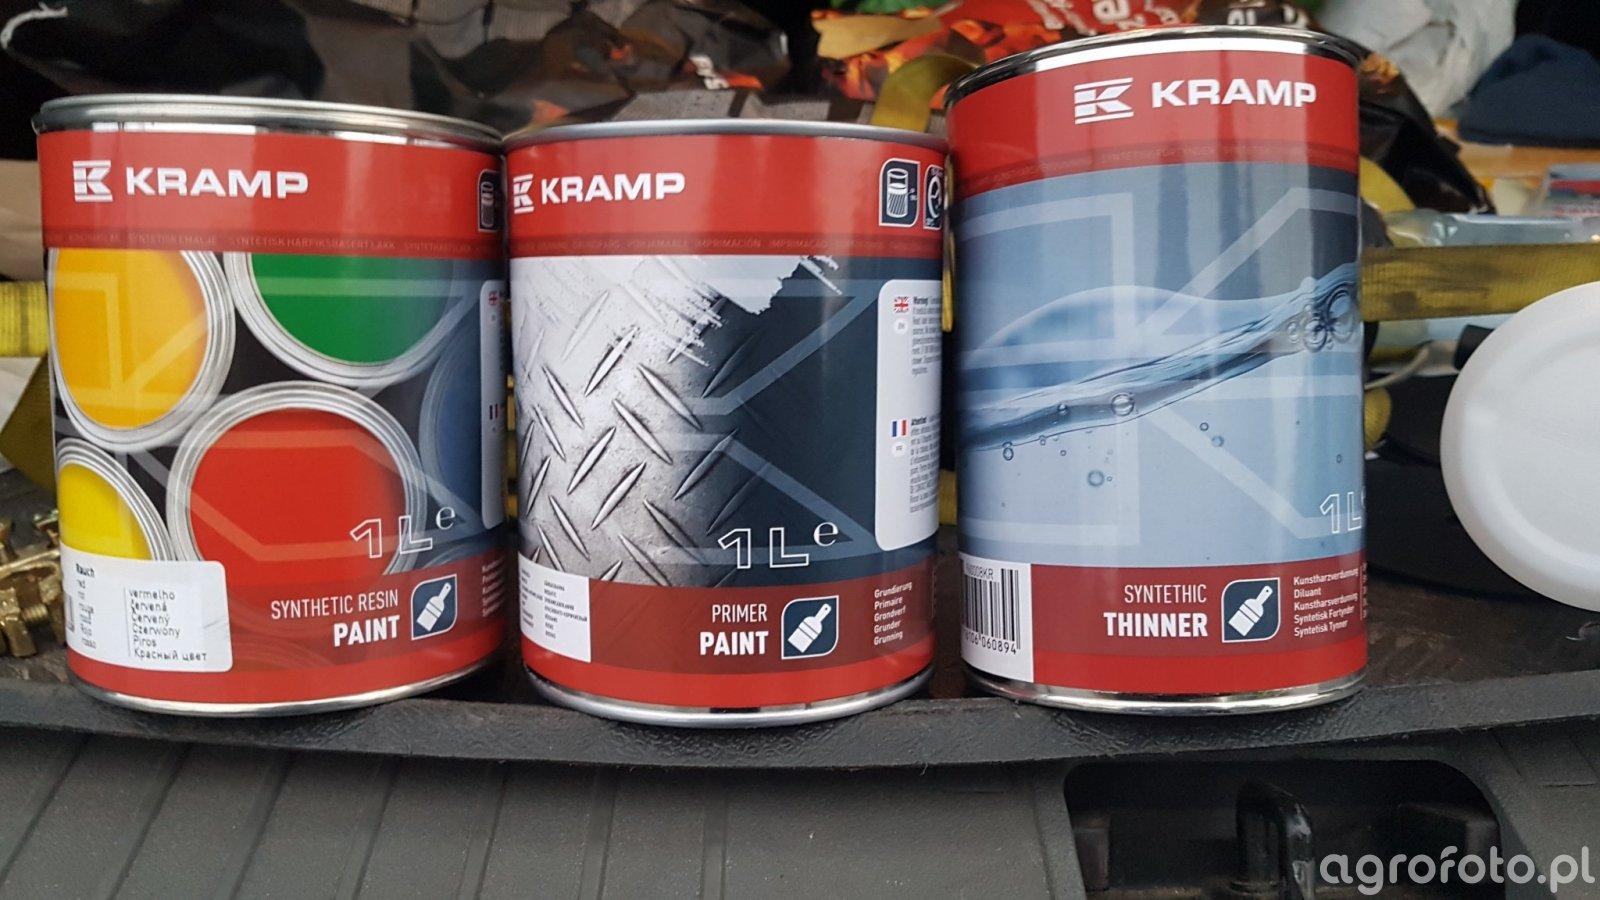 Kramp lakier, rozpuszczalnik i podkład